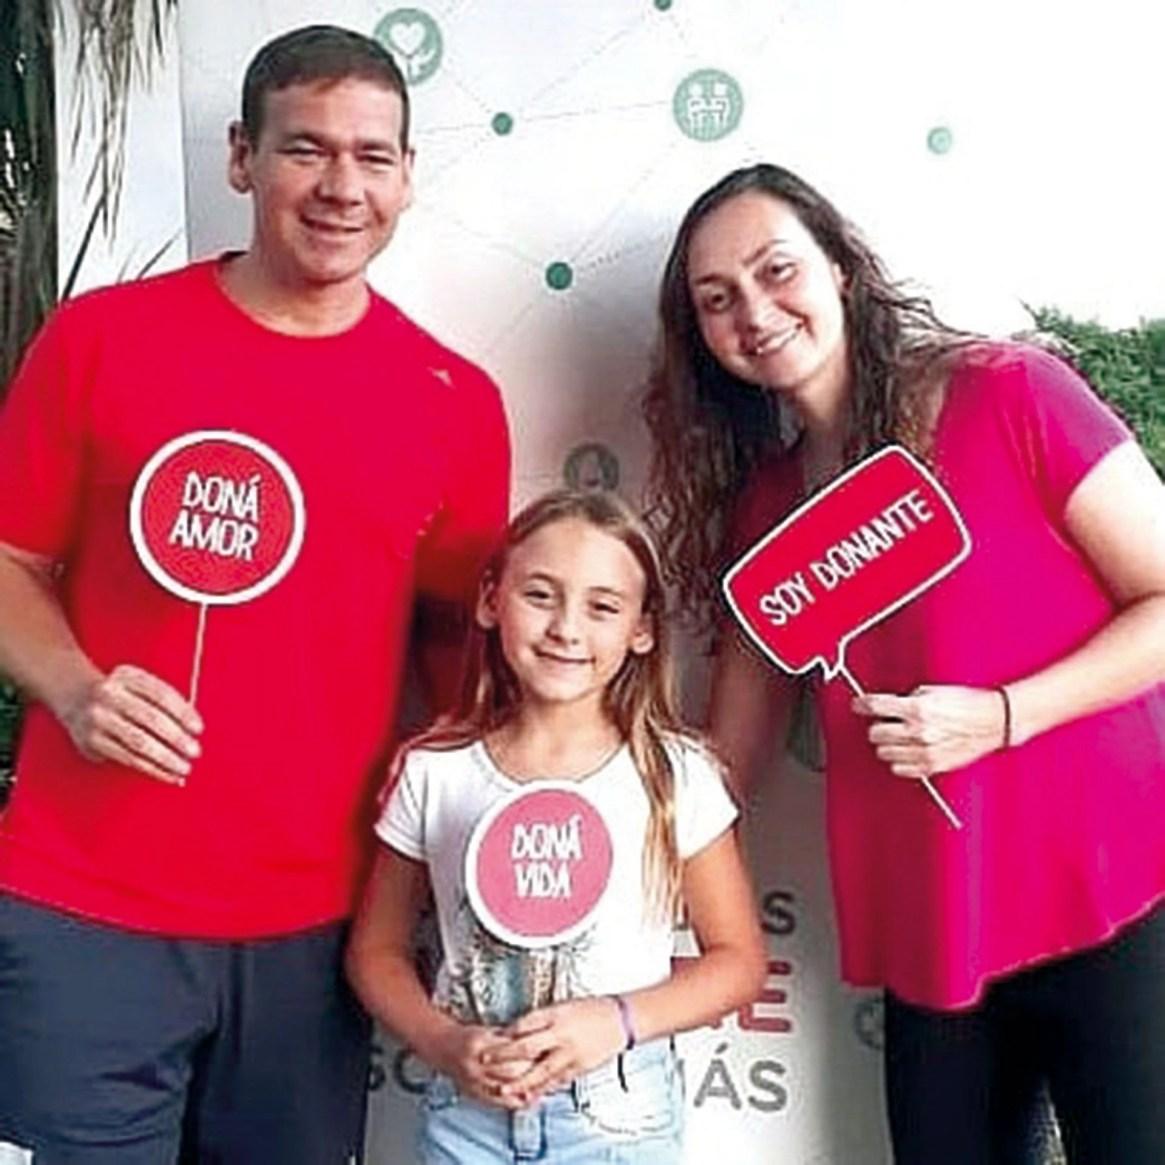 Junto a su hermana Vanina y su sobrina Maite, apoyando la donación de órganos.